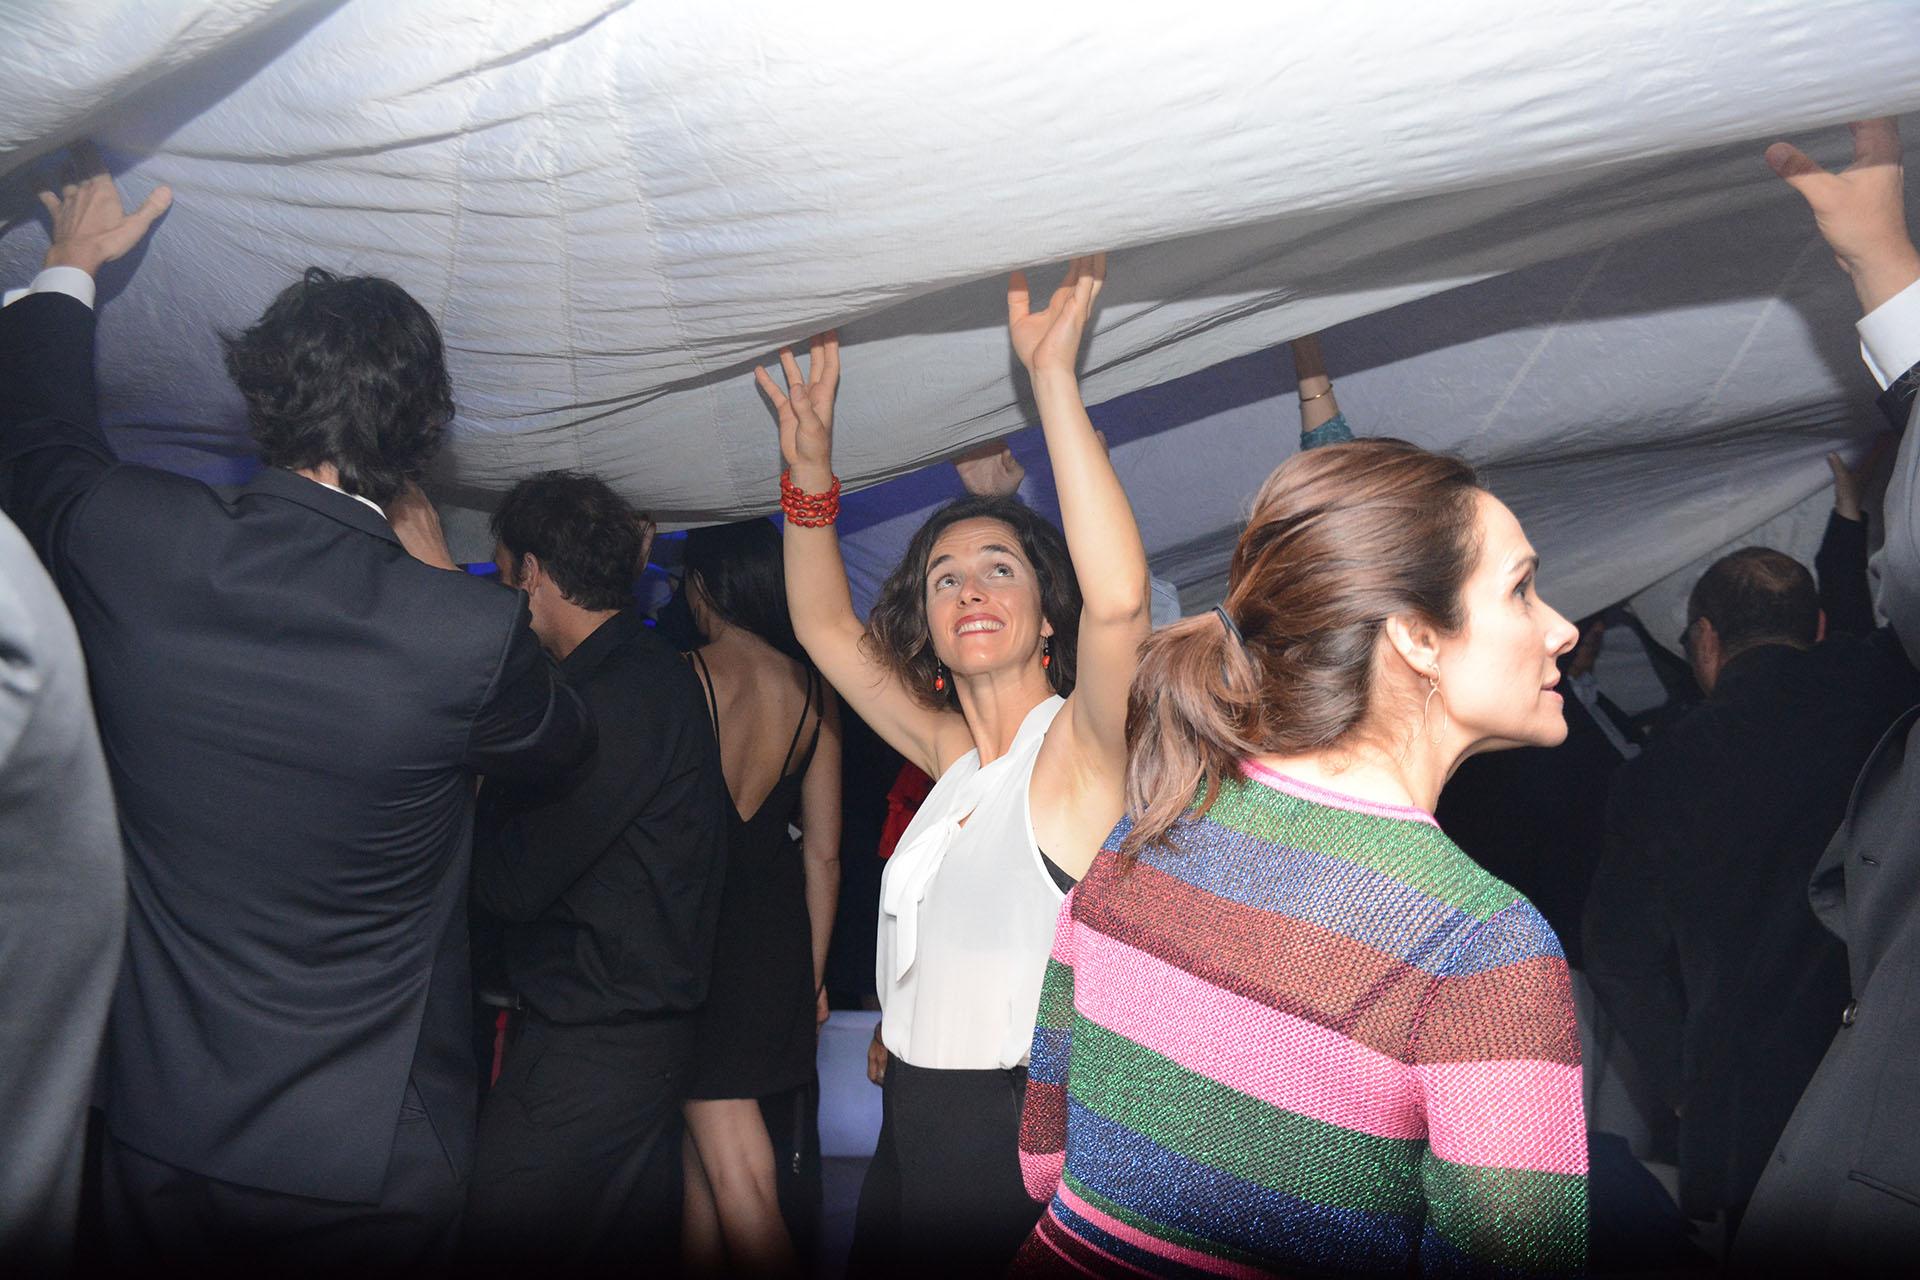 Al final de la noche hubo baile y fiesta